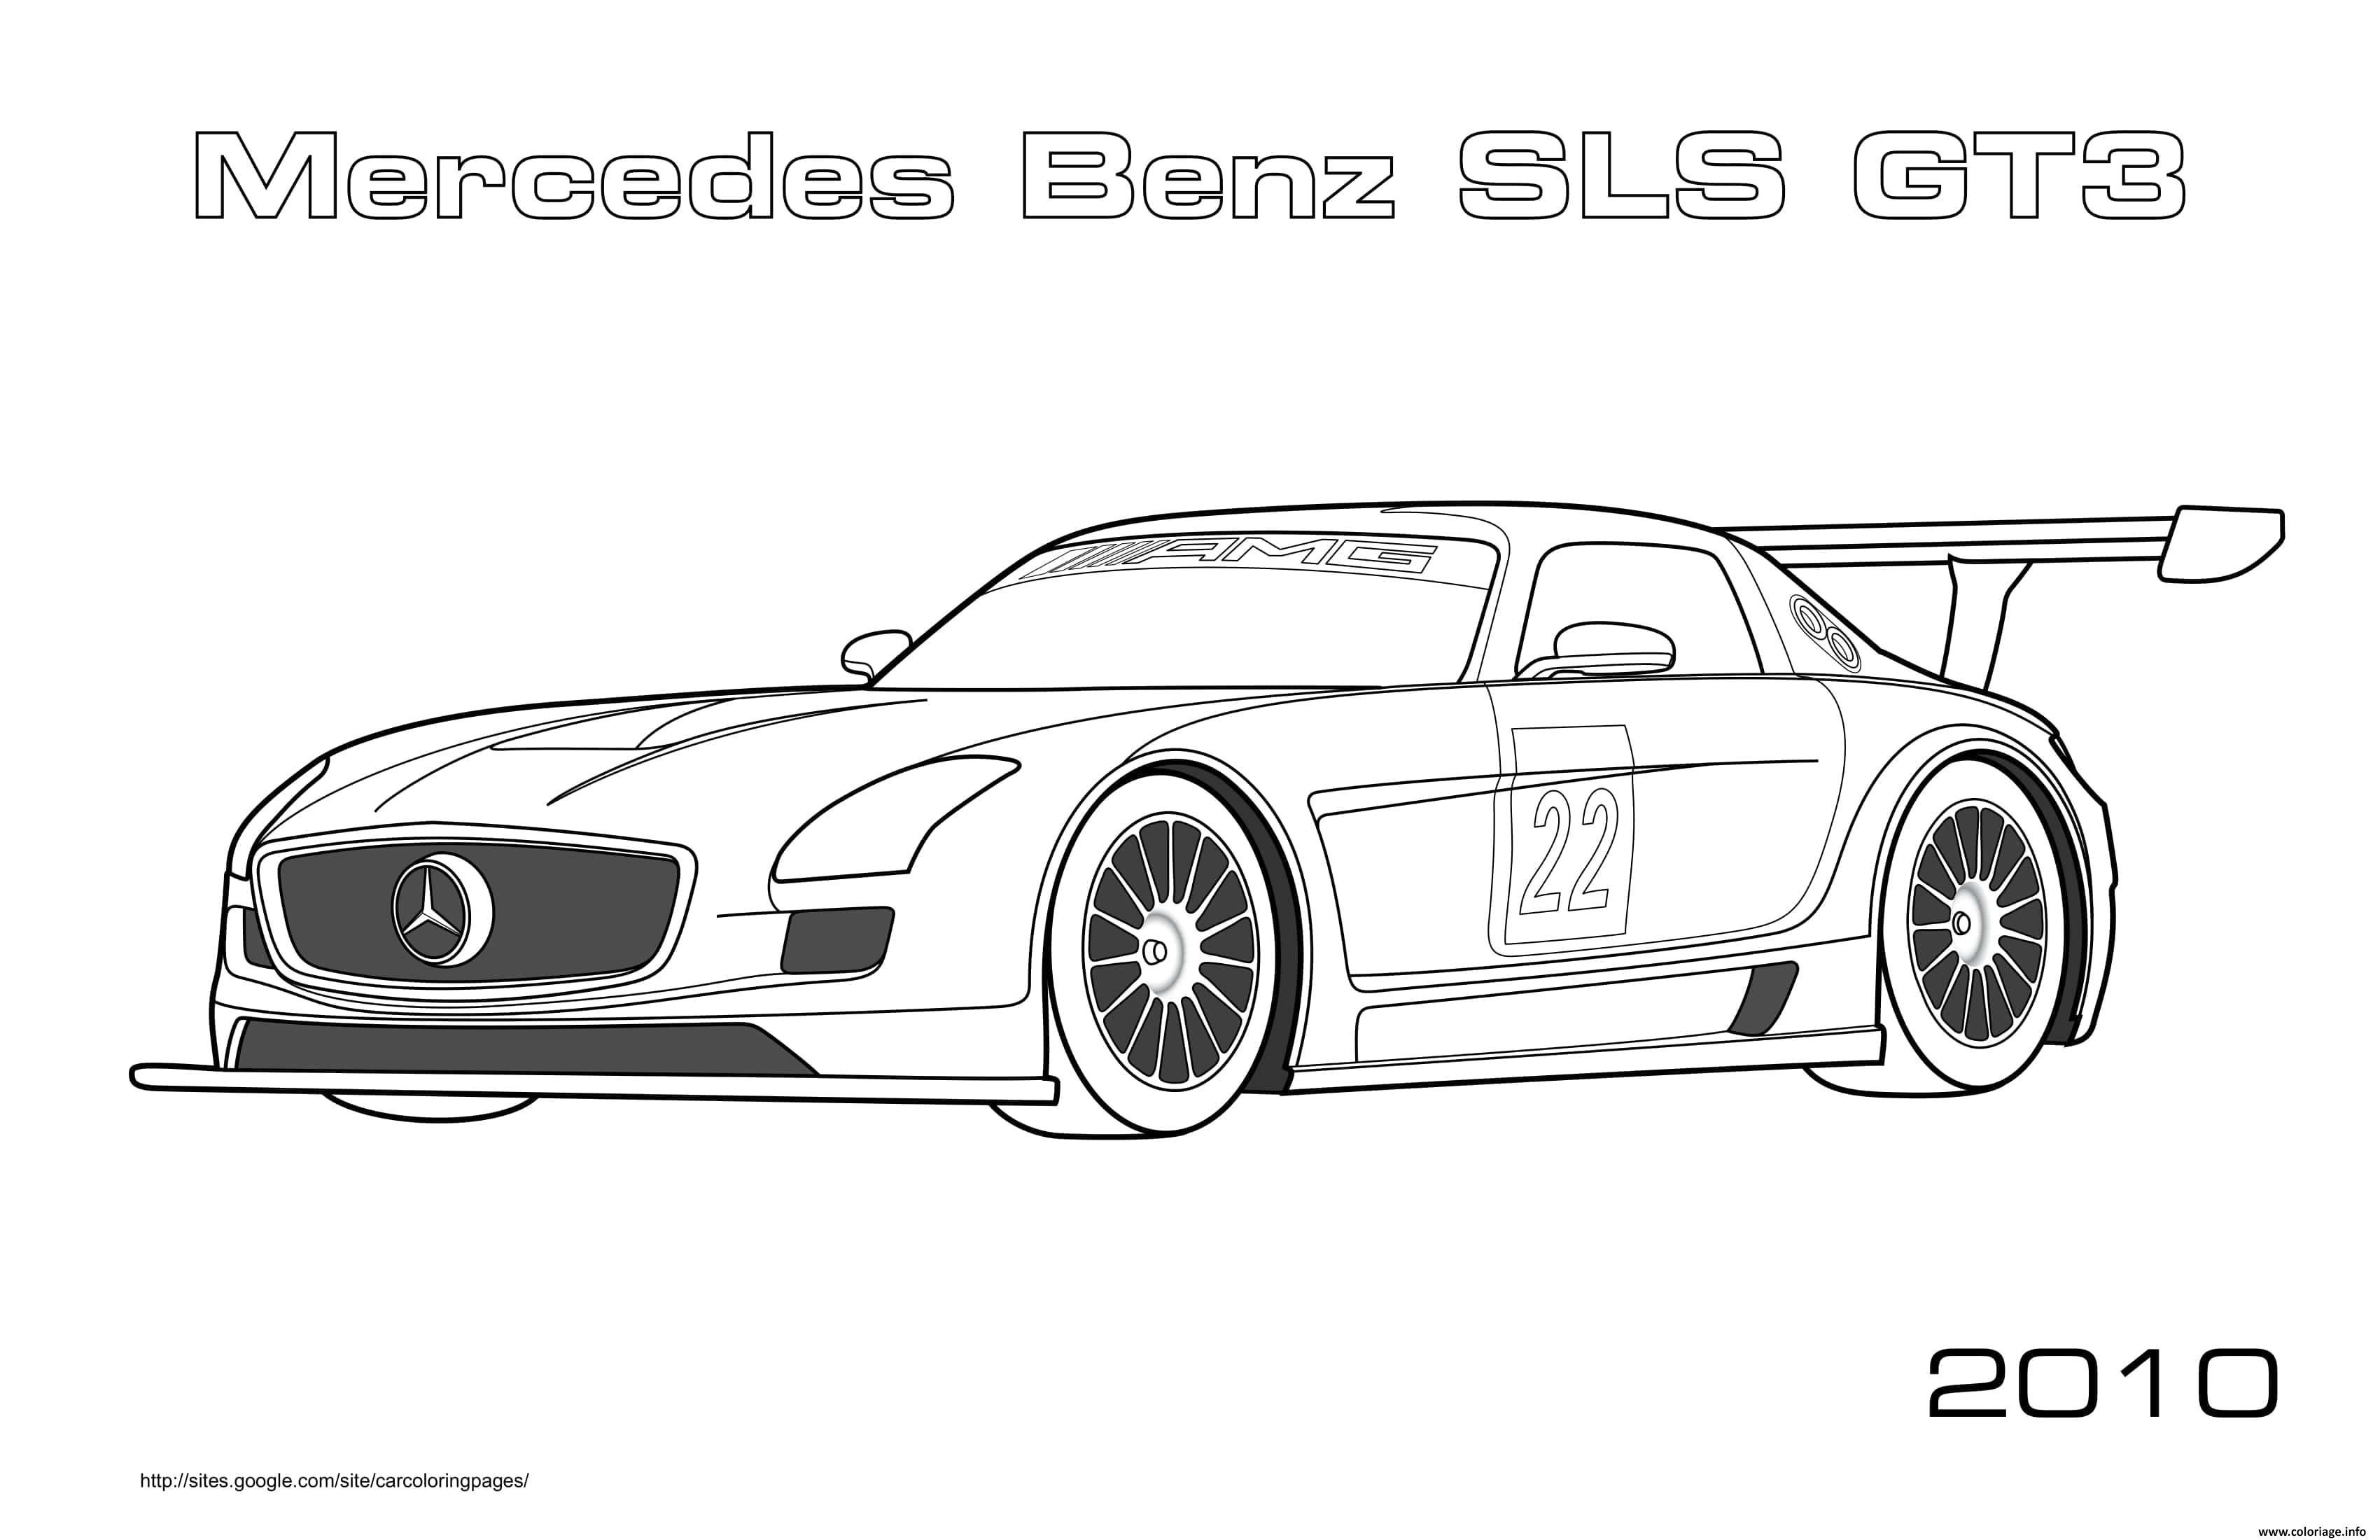 Dessin Formule 1 Mercedes Benz SLS GT3 Voiture de Course Coloriage Gratuit à Imprimer